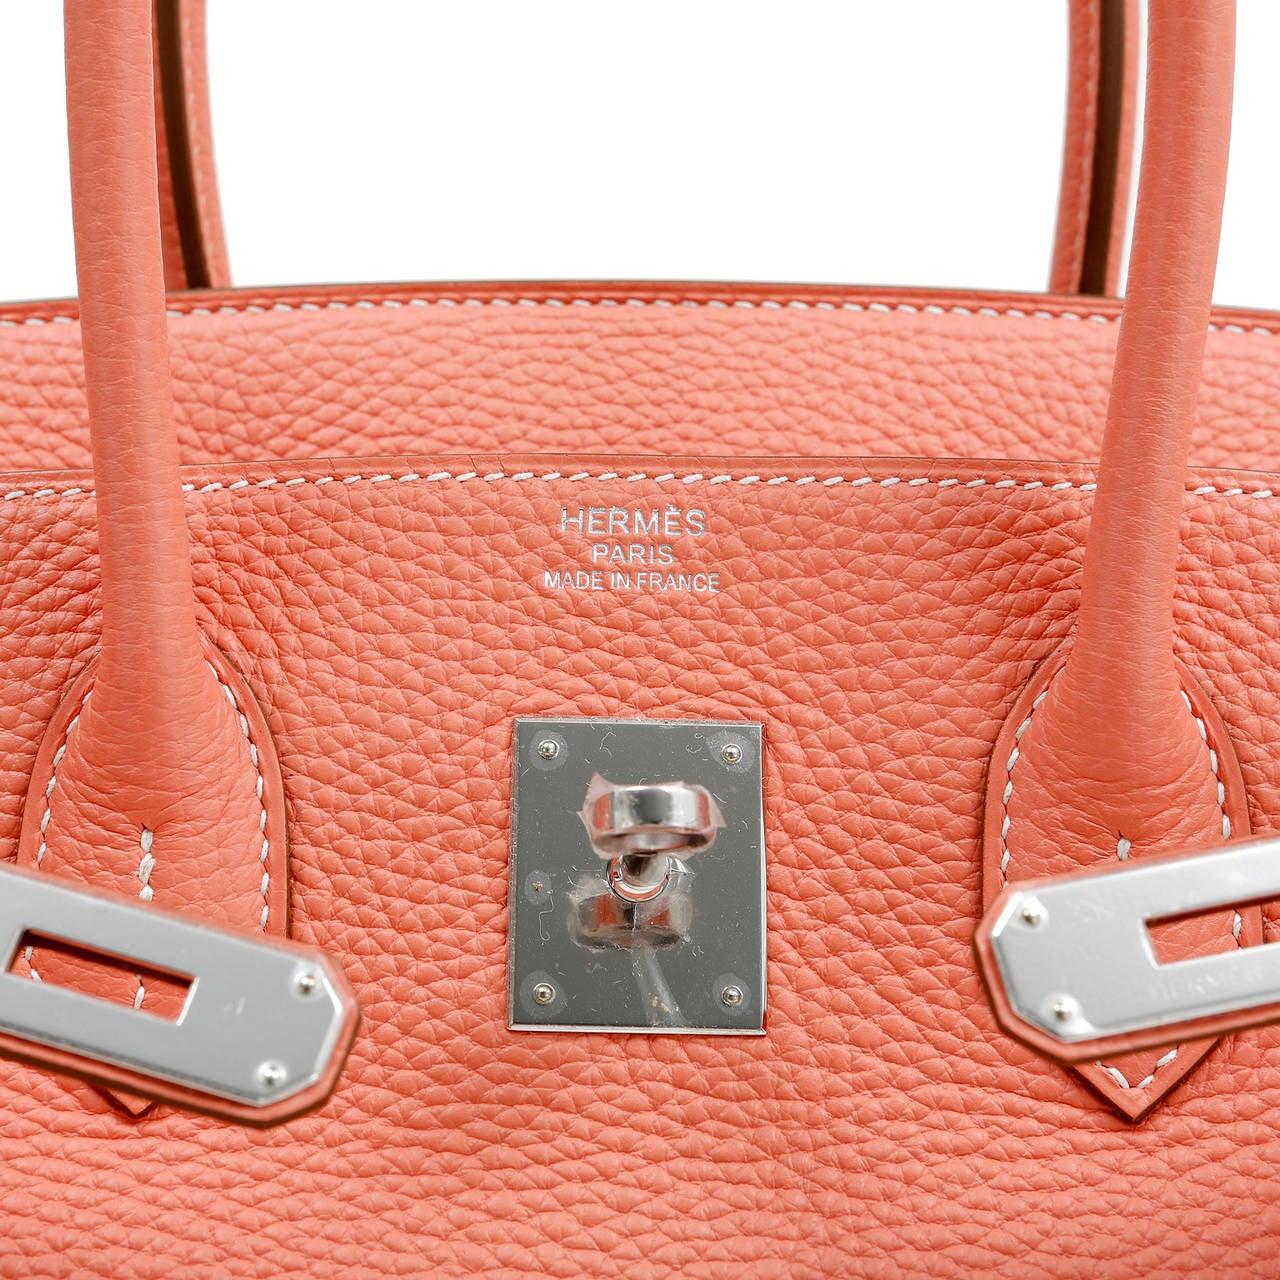 Hermes Crevette Togo 35 cm Birkin Bag- Salmon Pink Color For Sale 4